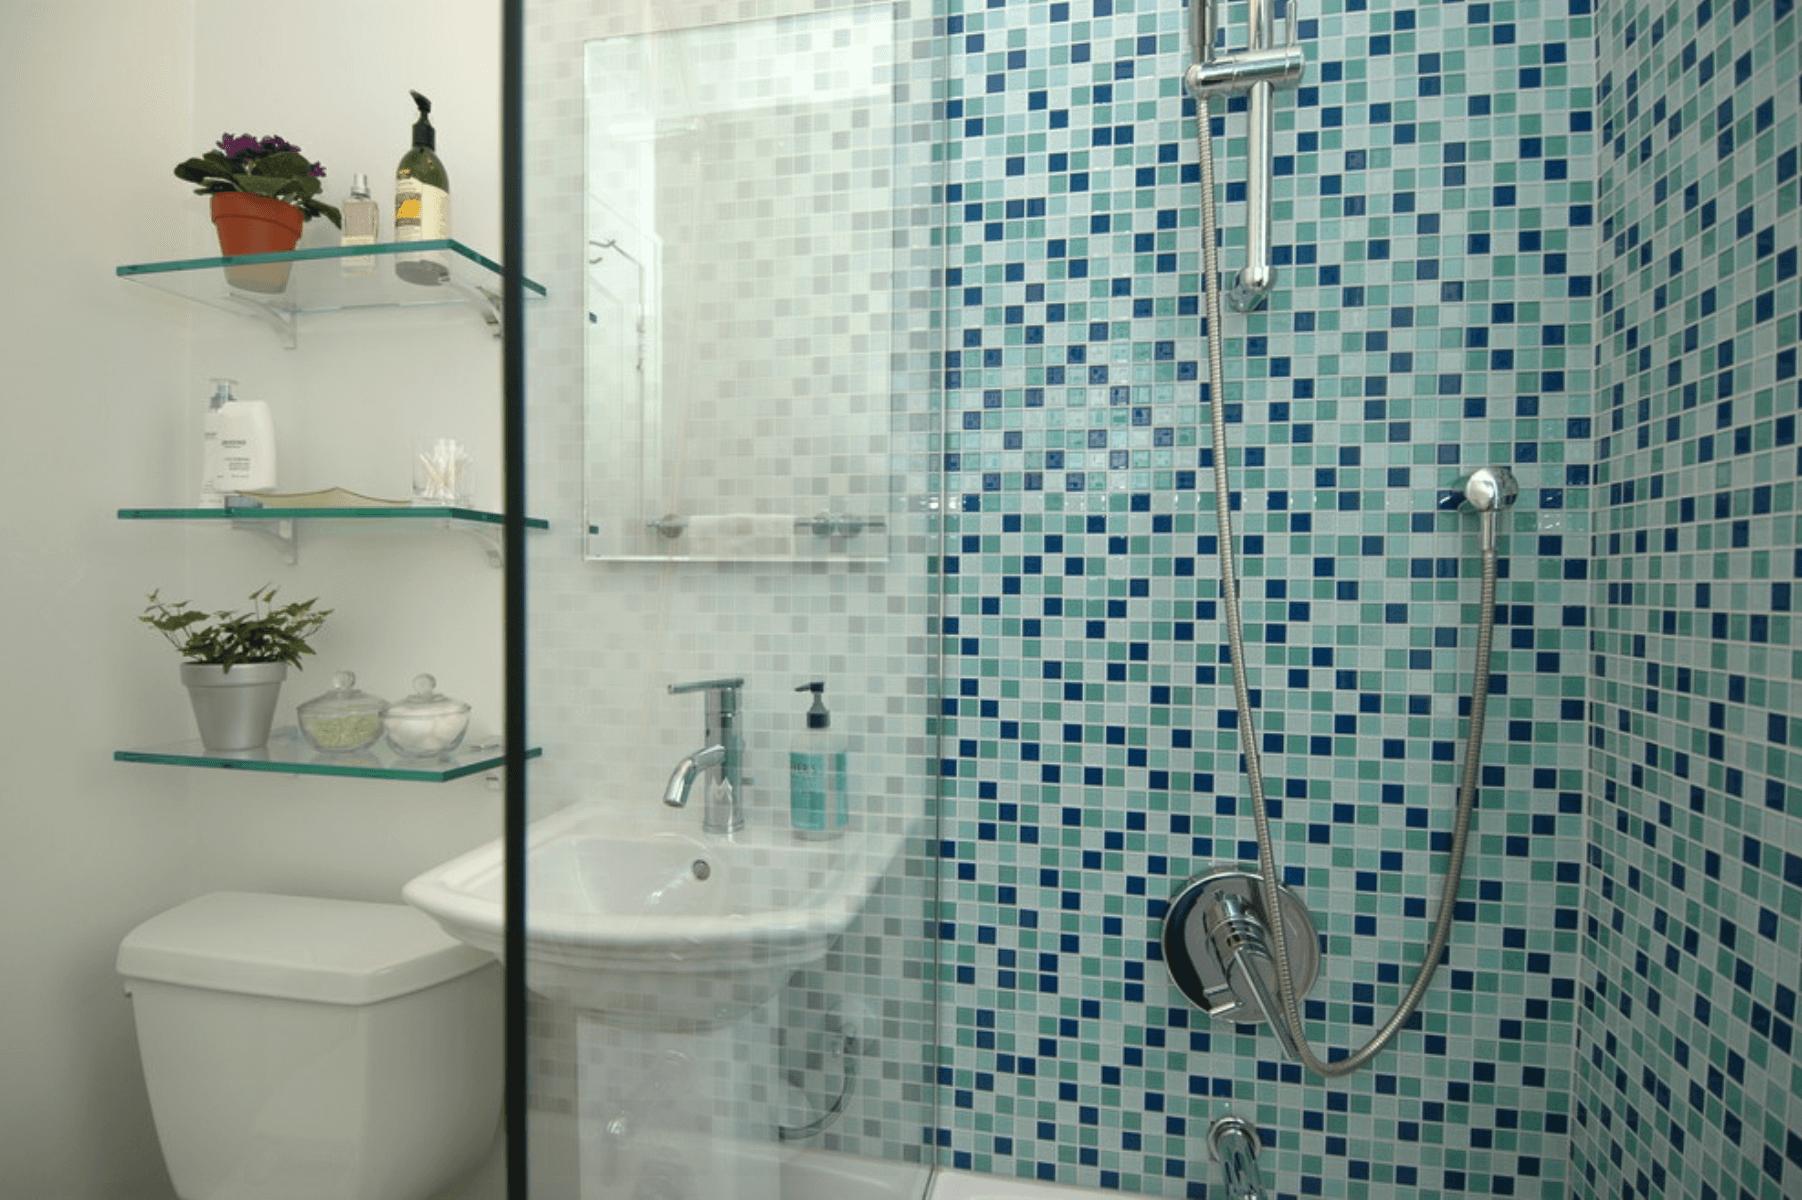 Cartia Bathroom Vanities